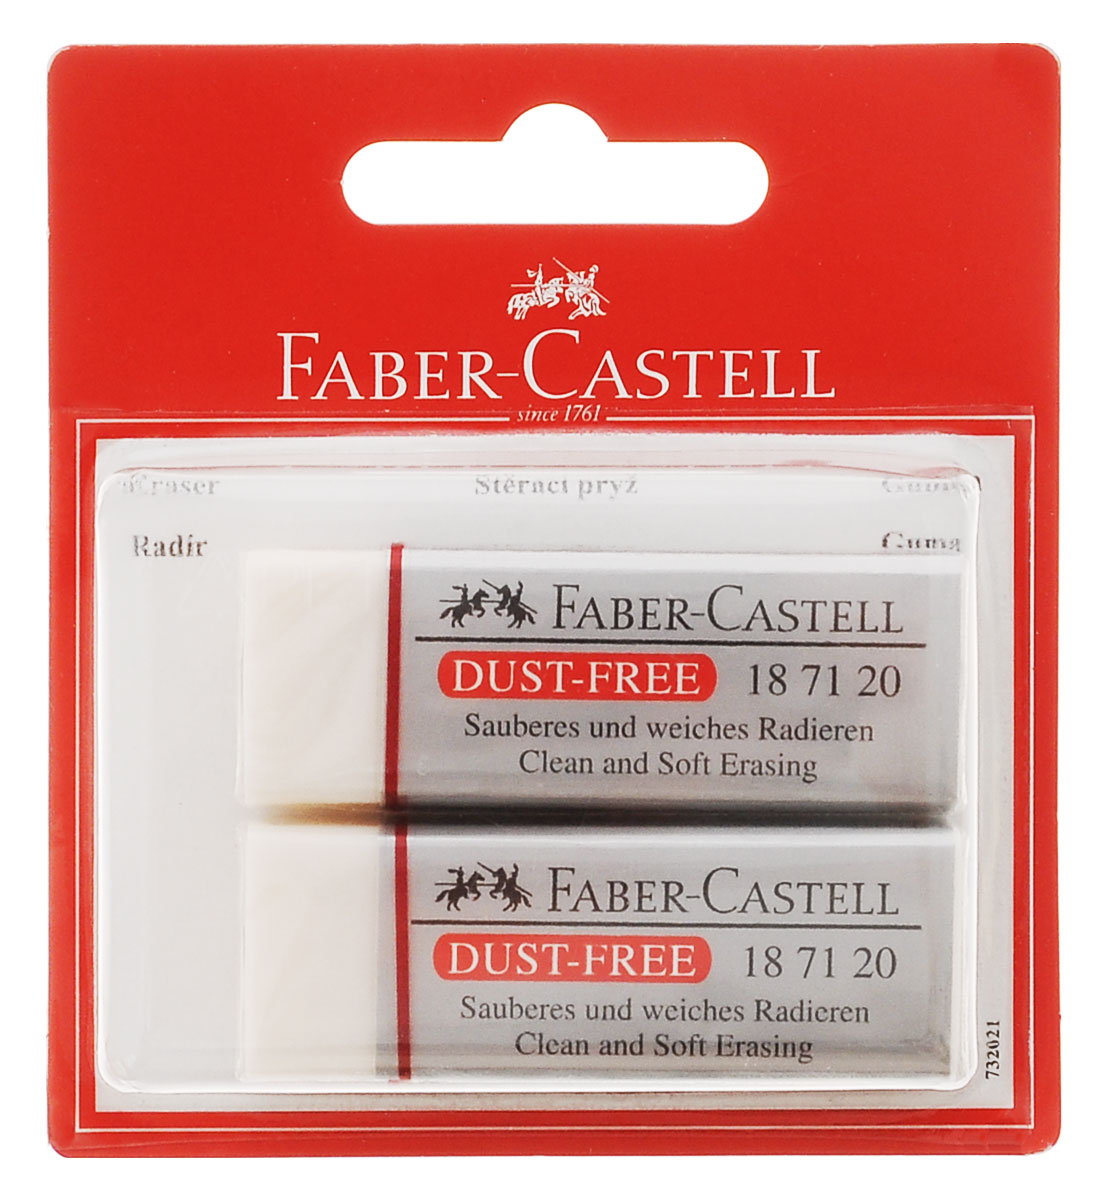 Faber-Castell Ластик Dust Free 2 шт263243Ластик Faber-Castell Dust Free из ПВХ в белой защитной упаковке, не содержит фталаты, пригоден для графитных простых и цветных карандашей. Размеры ластика: 6 см х 2 см х 1 см. В комплекте 2 ластика.